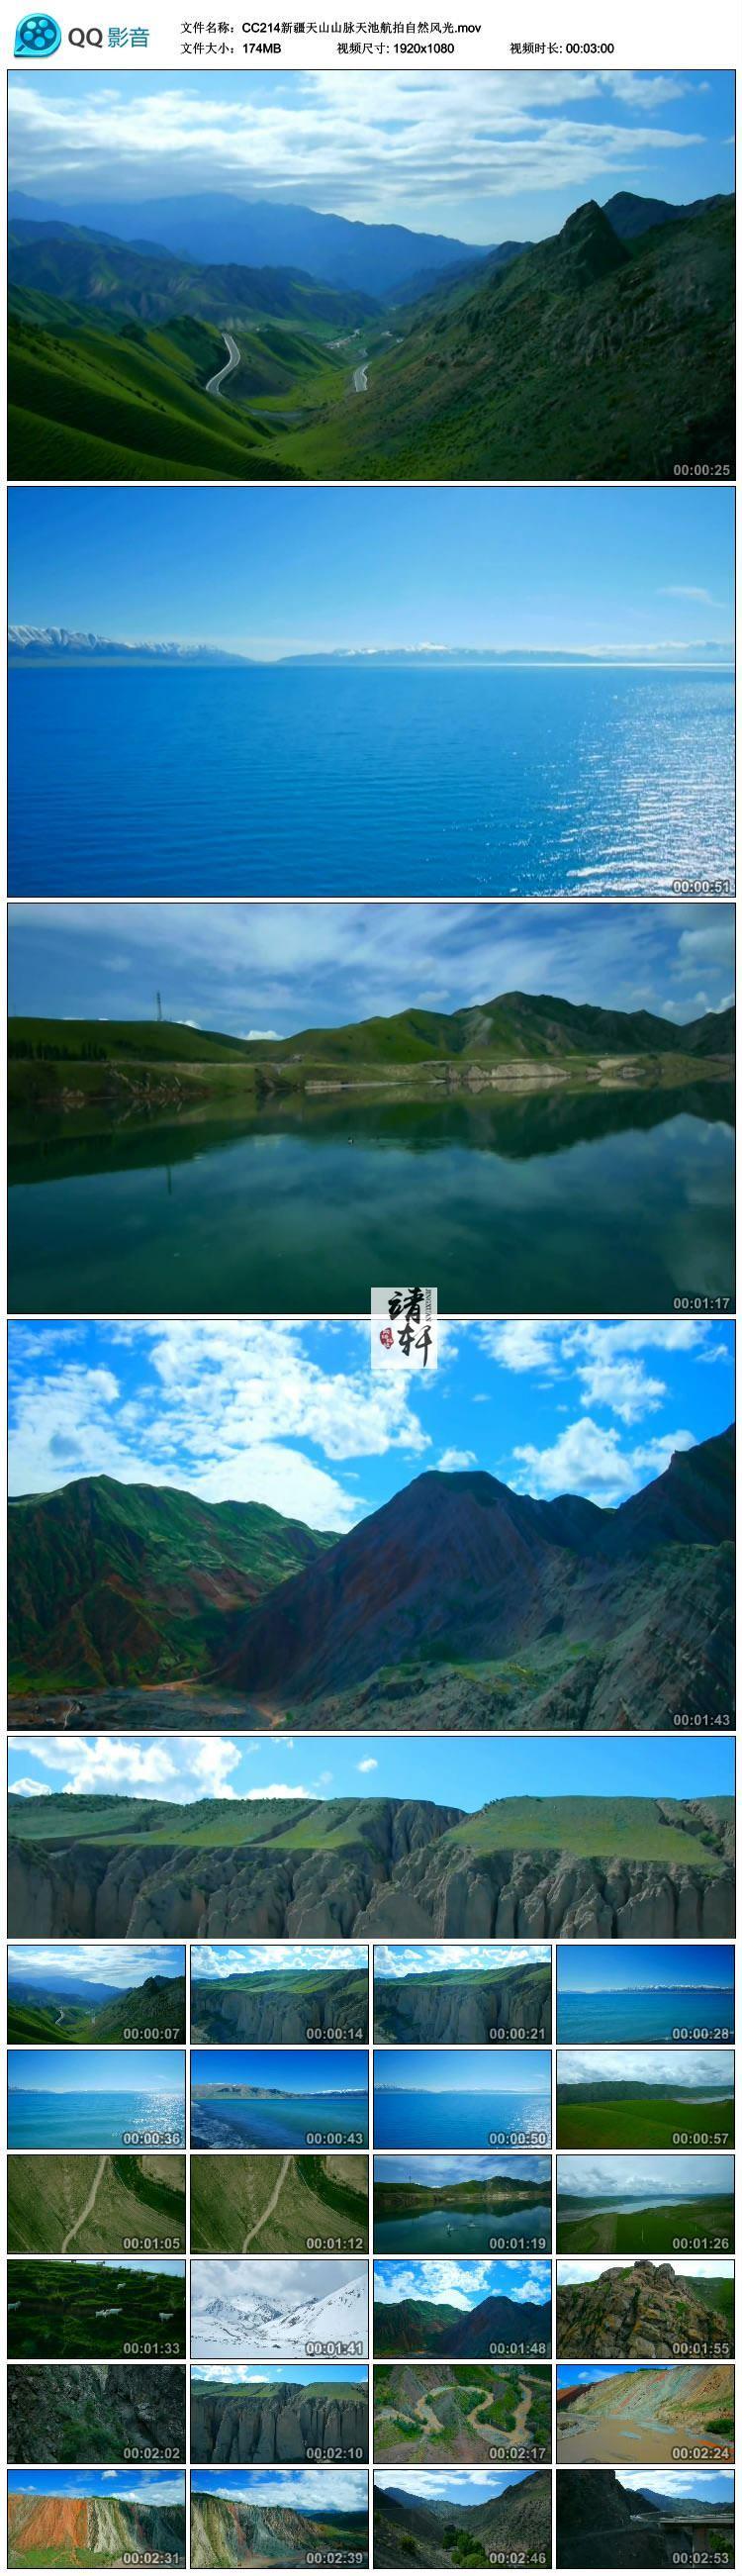 新疆天山山脉高清实拍天池航拍自然风光片视频素材